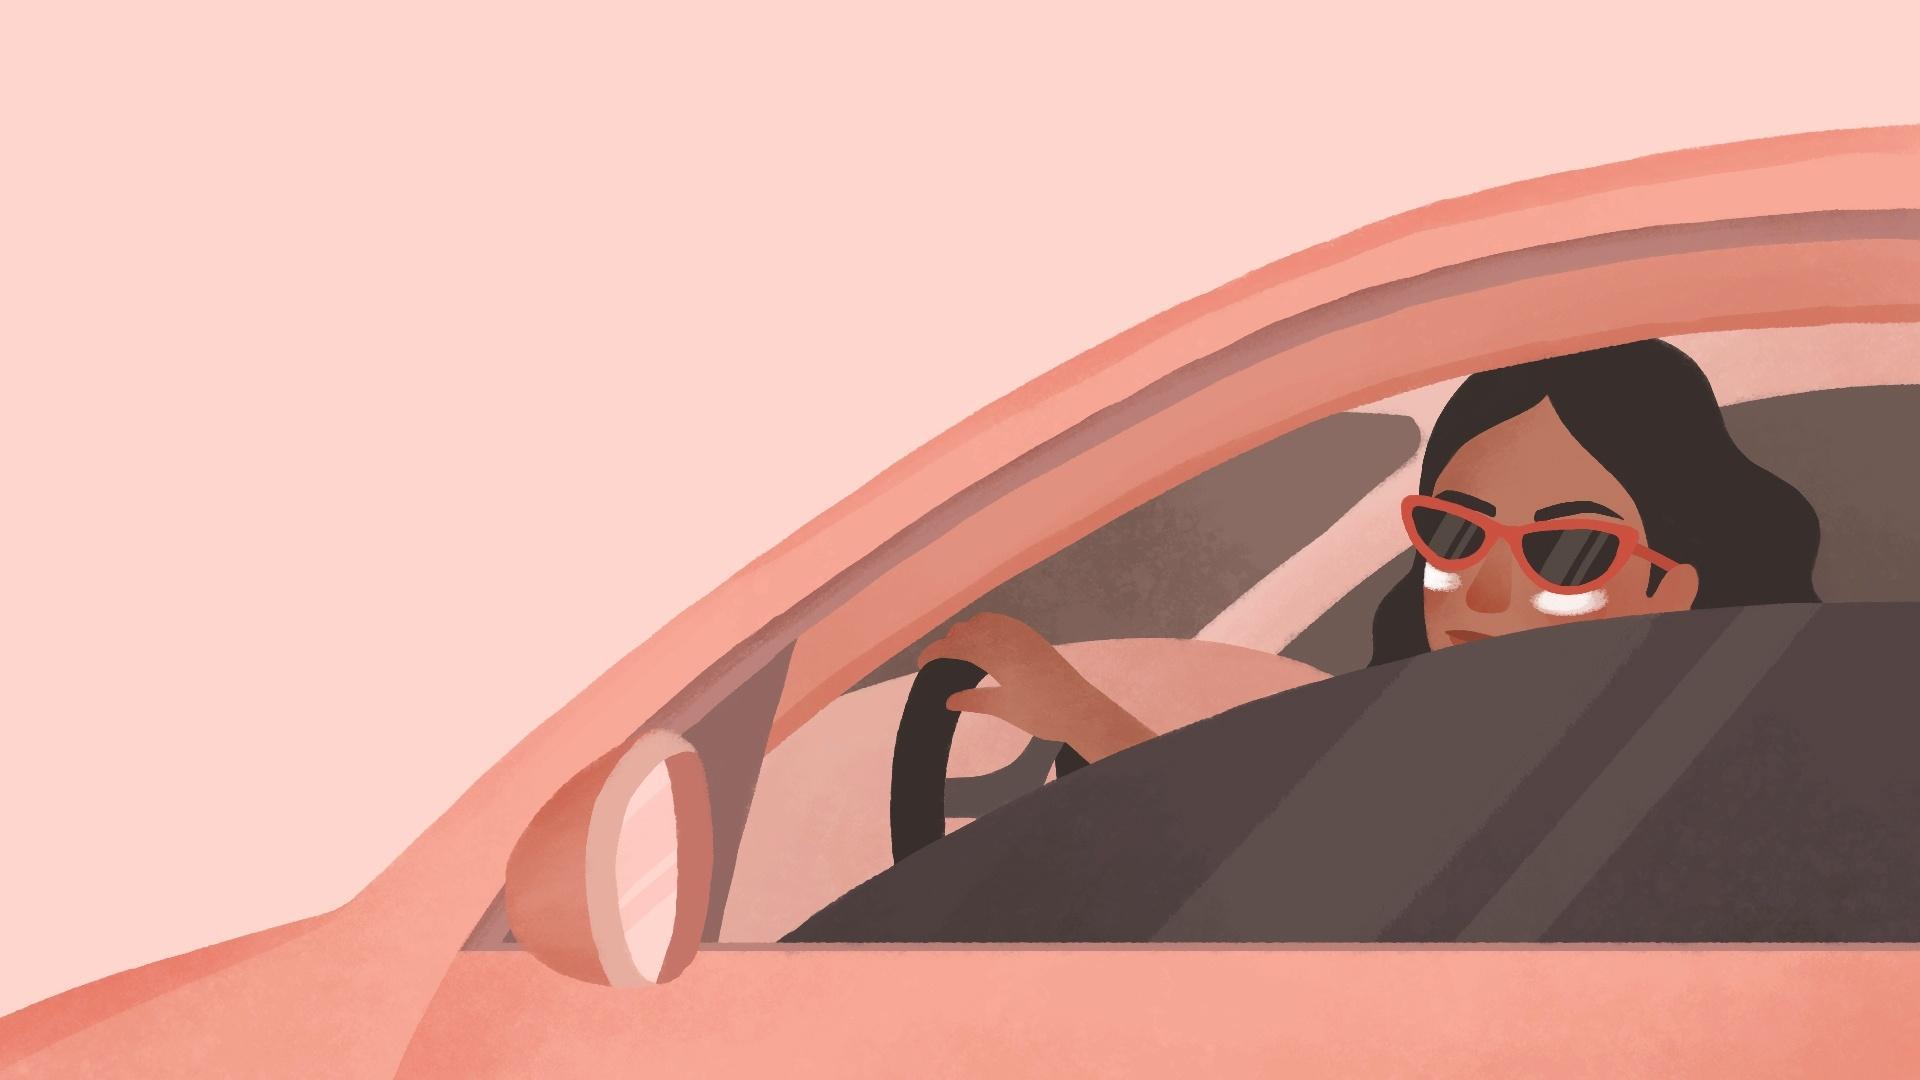 dac201905467a A película escura aplicada no vidro do carro protege contra raios UV  -  13 02 2019 - UOL VivaBem